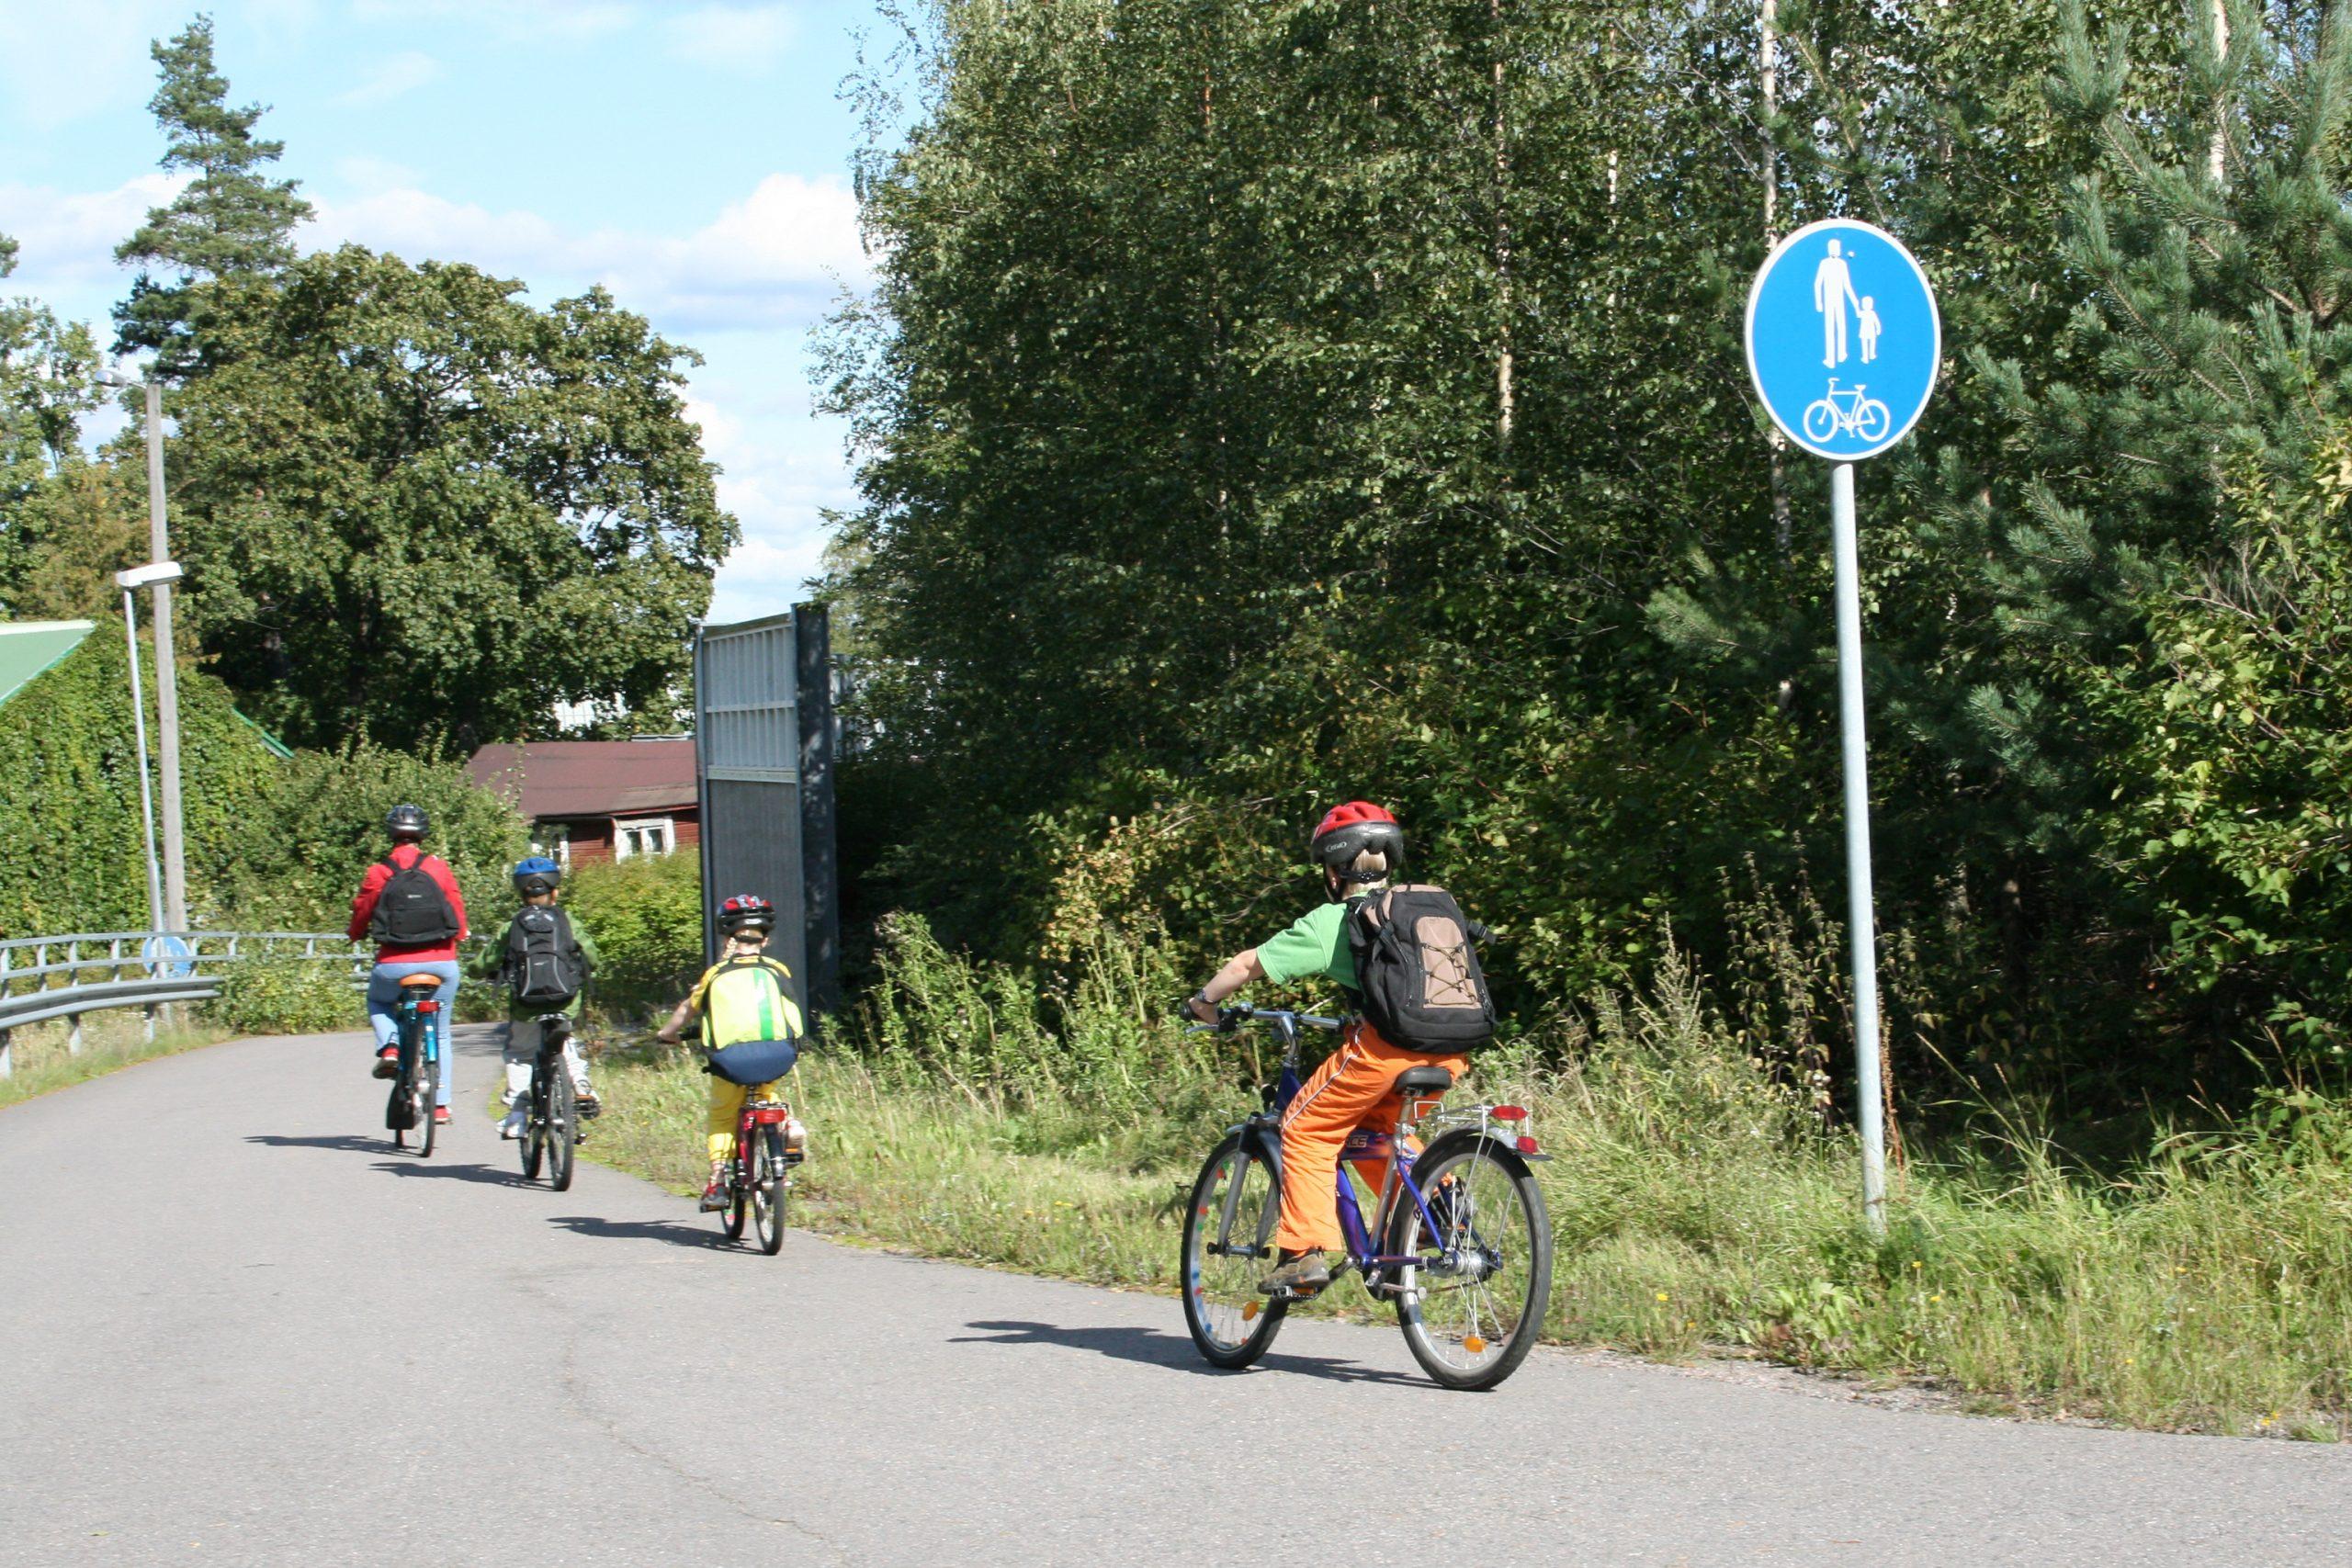 Aikuinen ja lapsia pyörällä liikenteessä